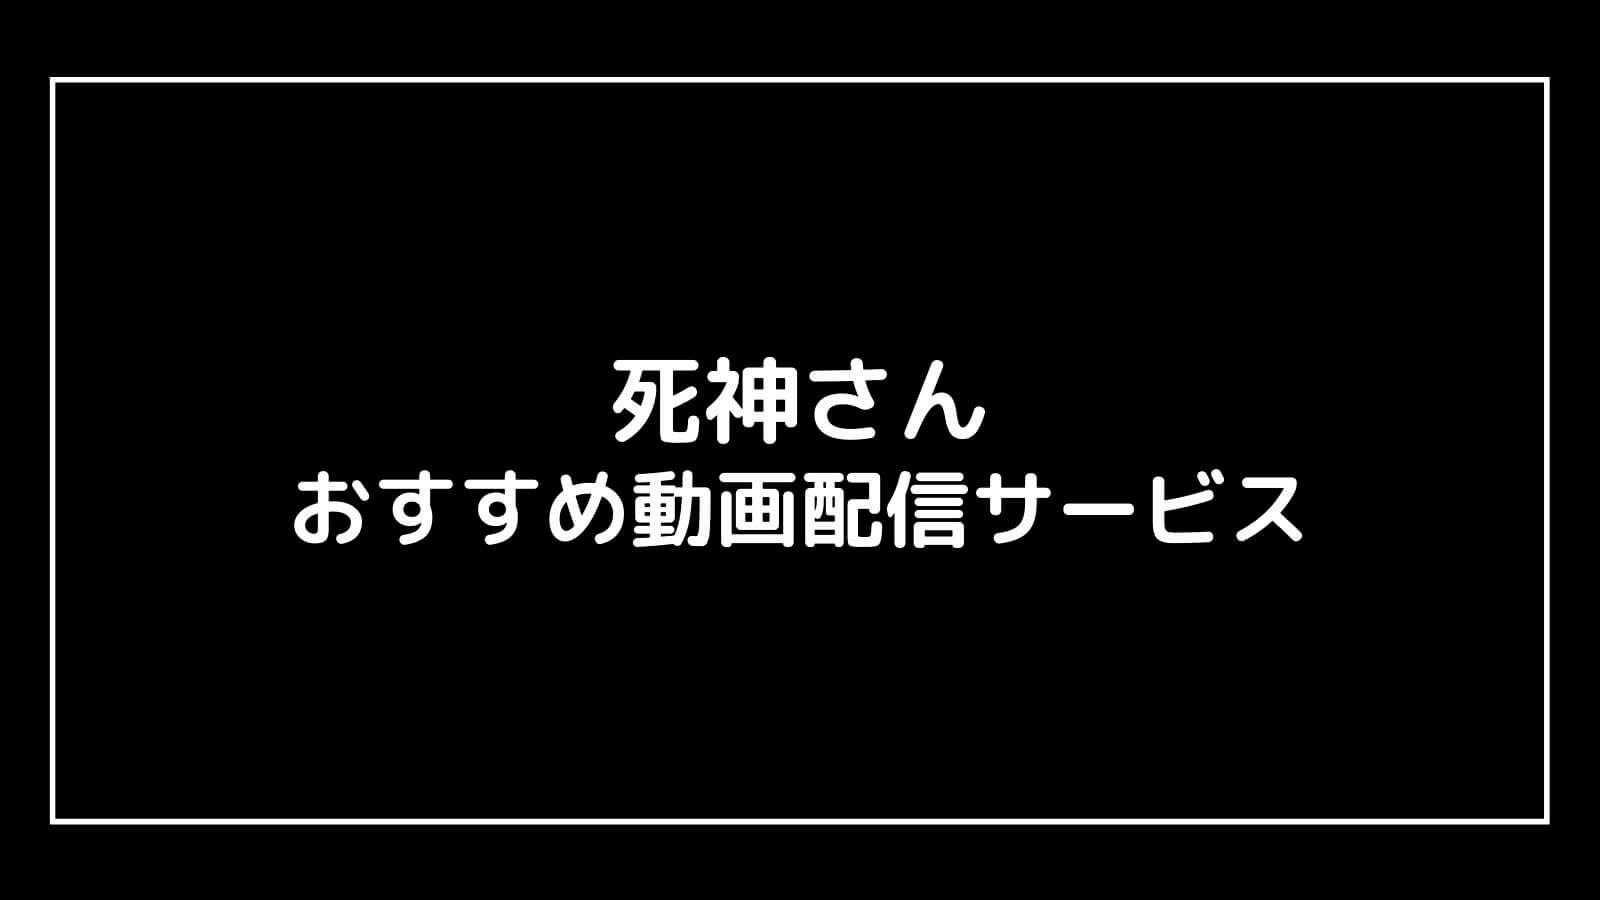 田中圭主演『死神さん』の見逃し配信を無料視聴できるおすすめ動画配信サイト